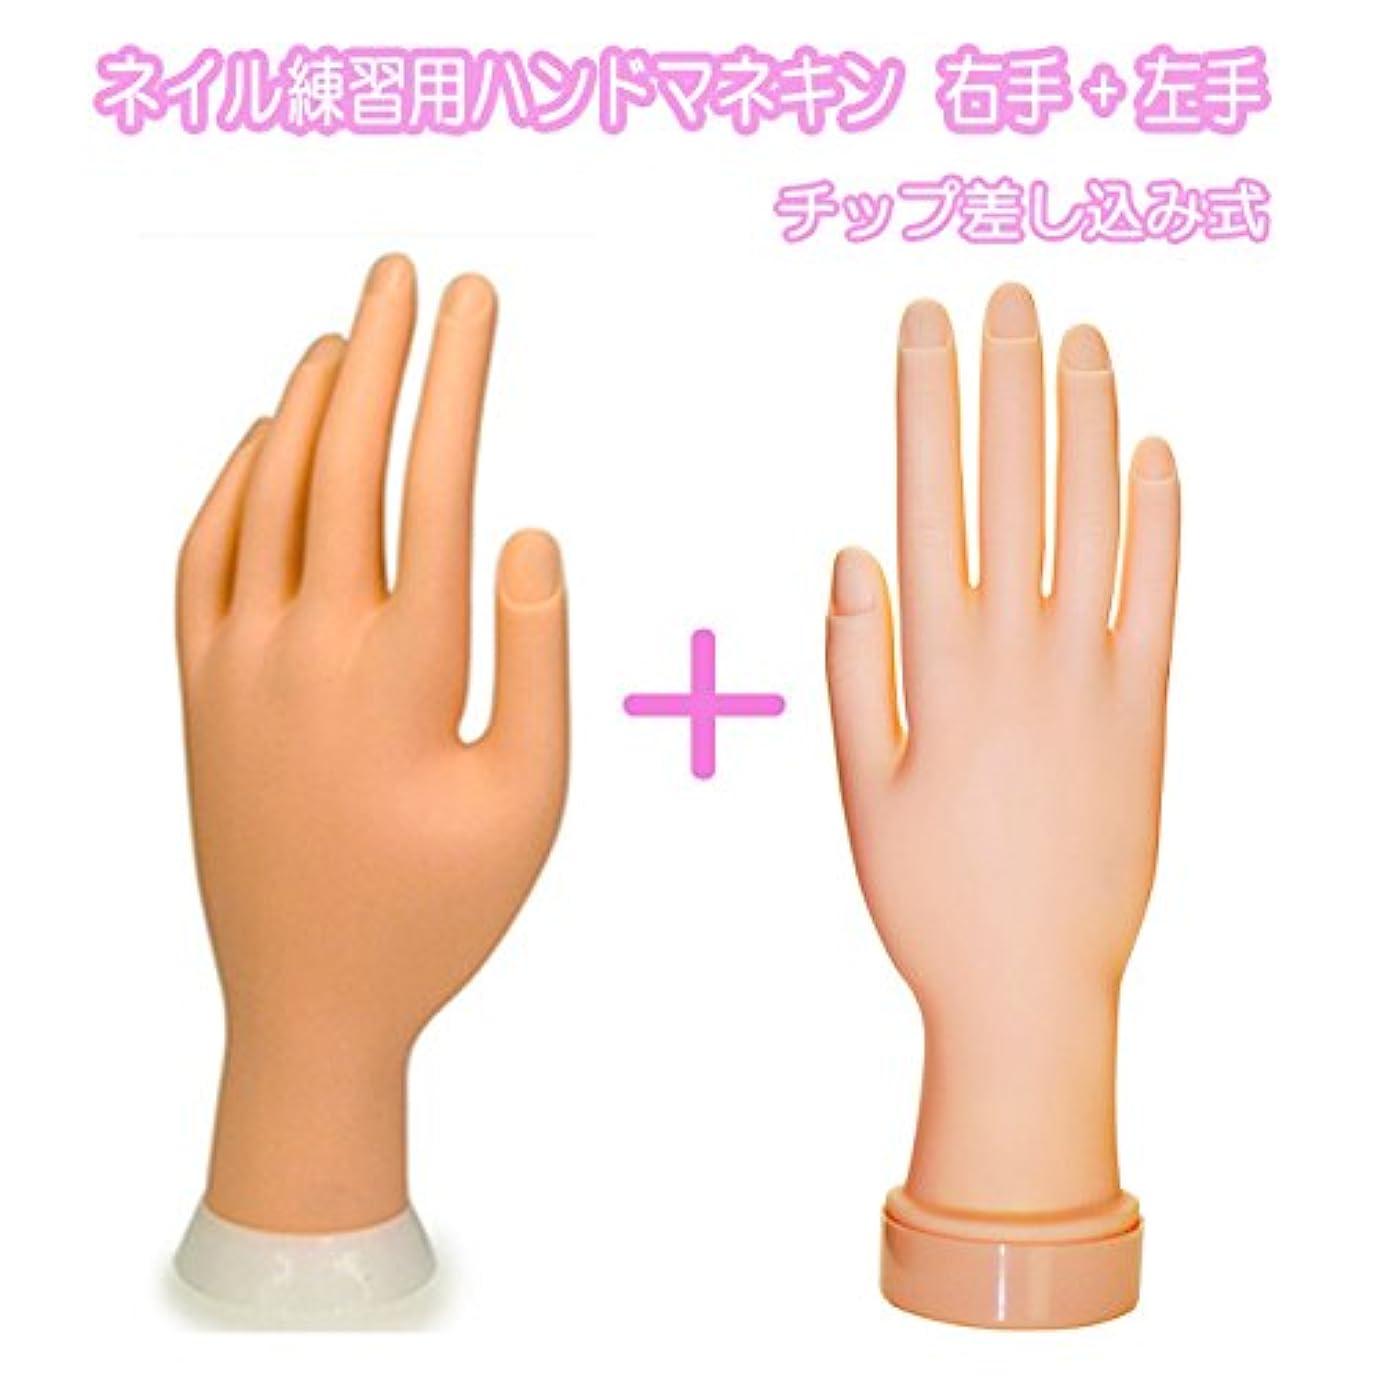 球状いとこ平和なネイル練習用ハンドマネキン2個(右手/左手)/チップ差し込み式 (右手1個+左手1個)